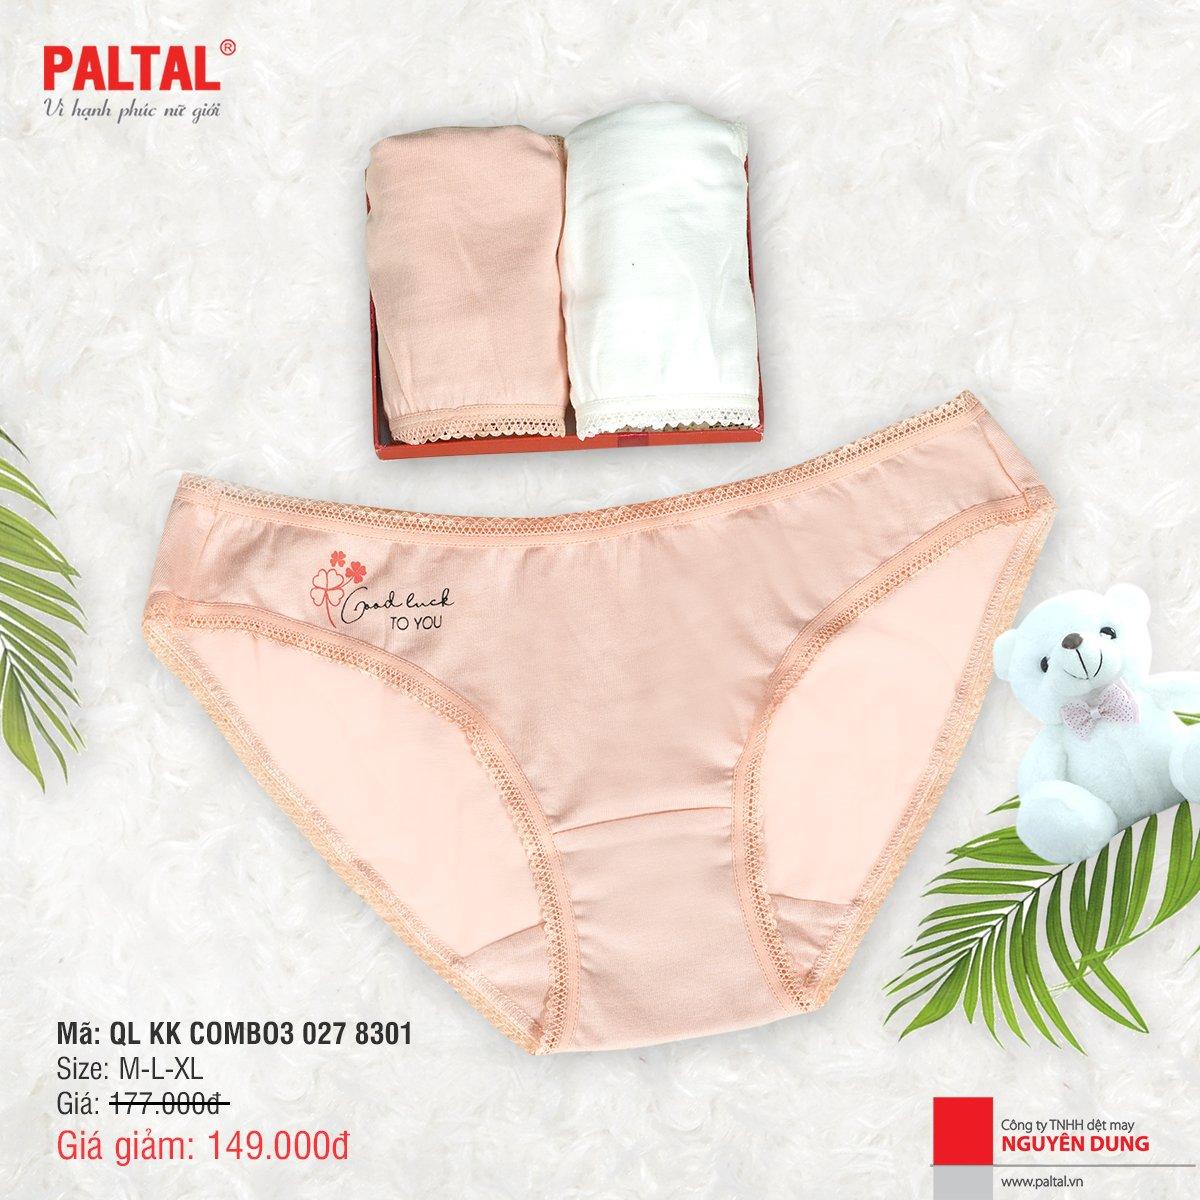 Combo 3 quần lót kháng khuẩn cao cấp paltal ql 027p 8301